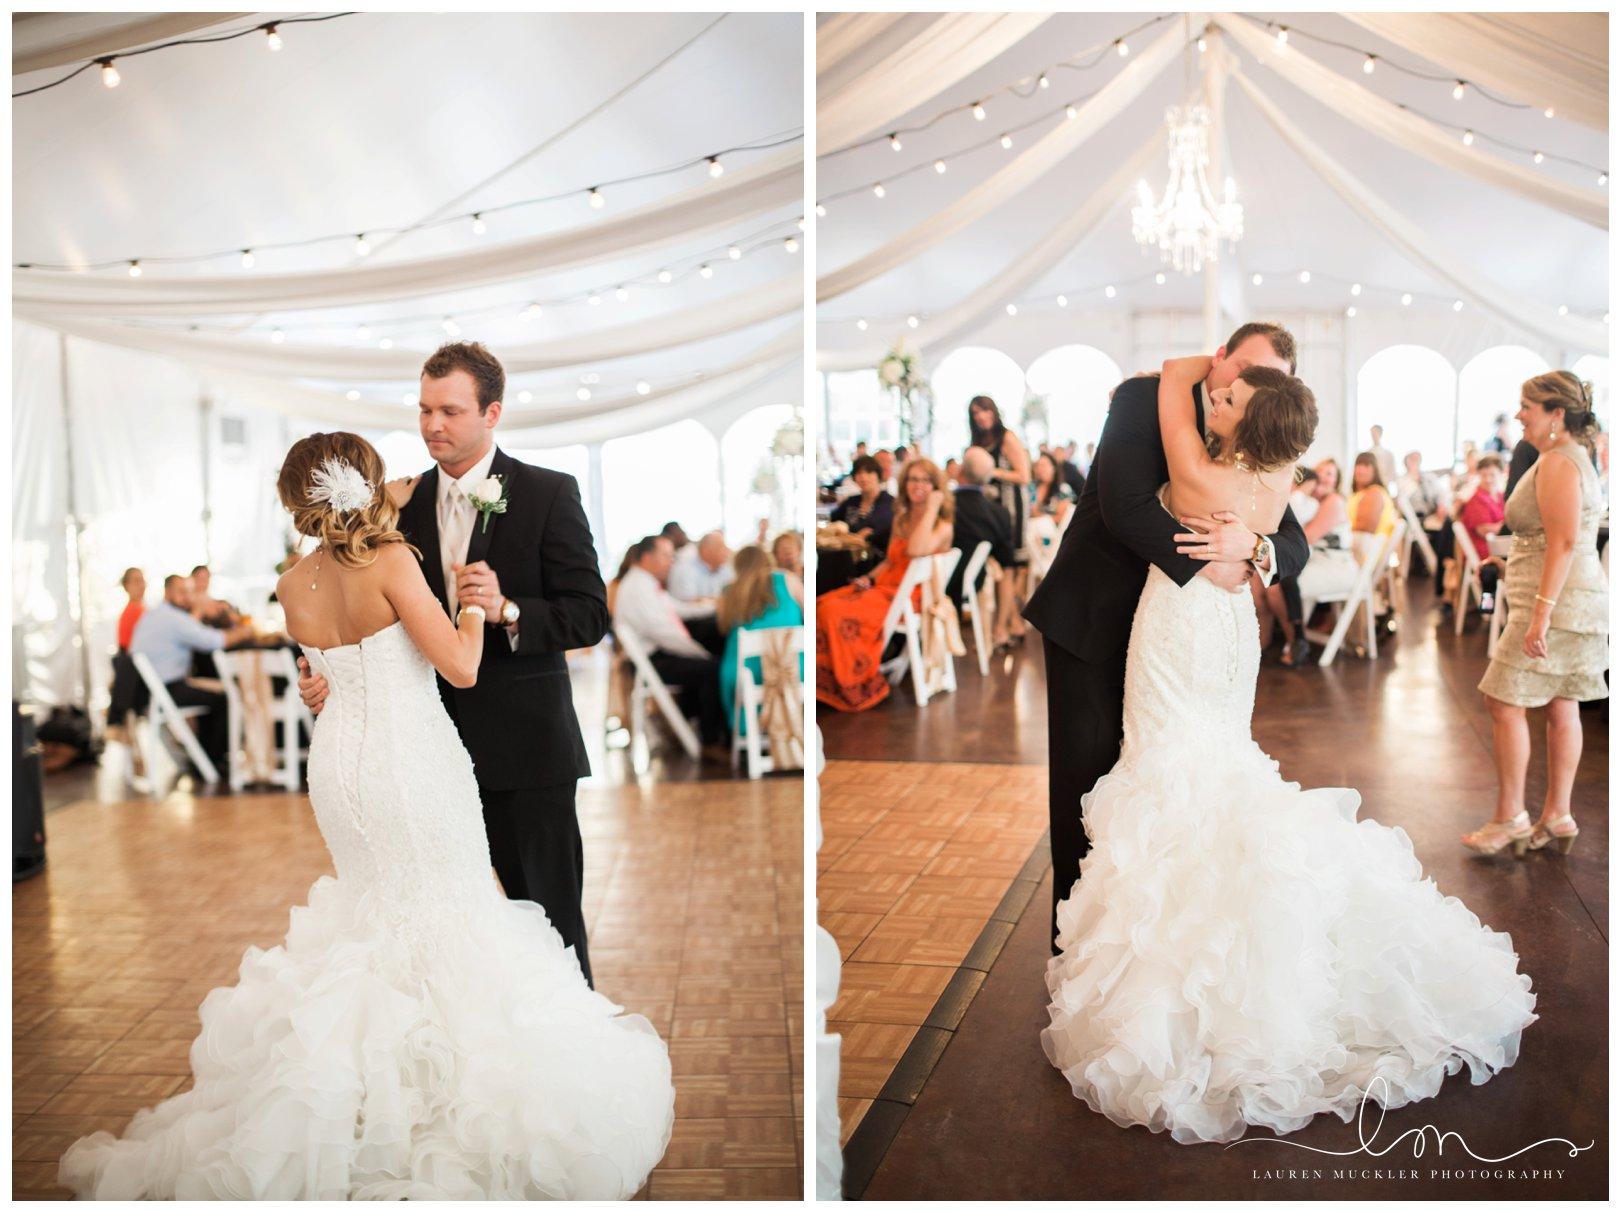 lauren muckler photography_fine art film wedding photography_st louis_photography_0479.jpg